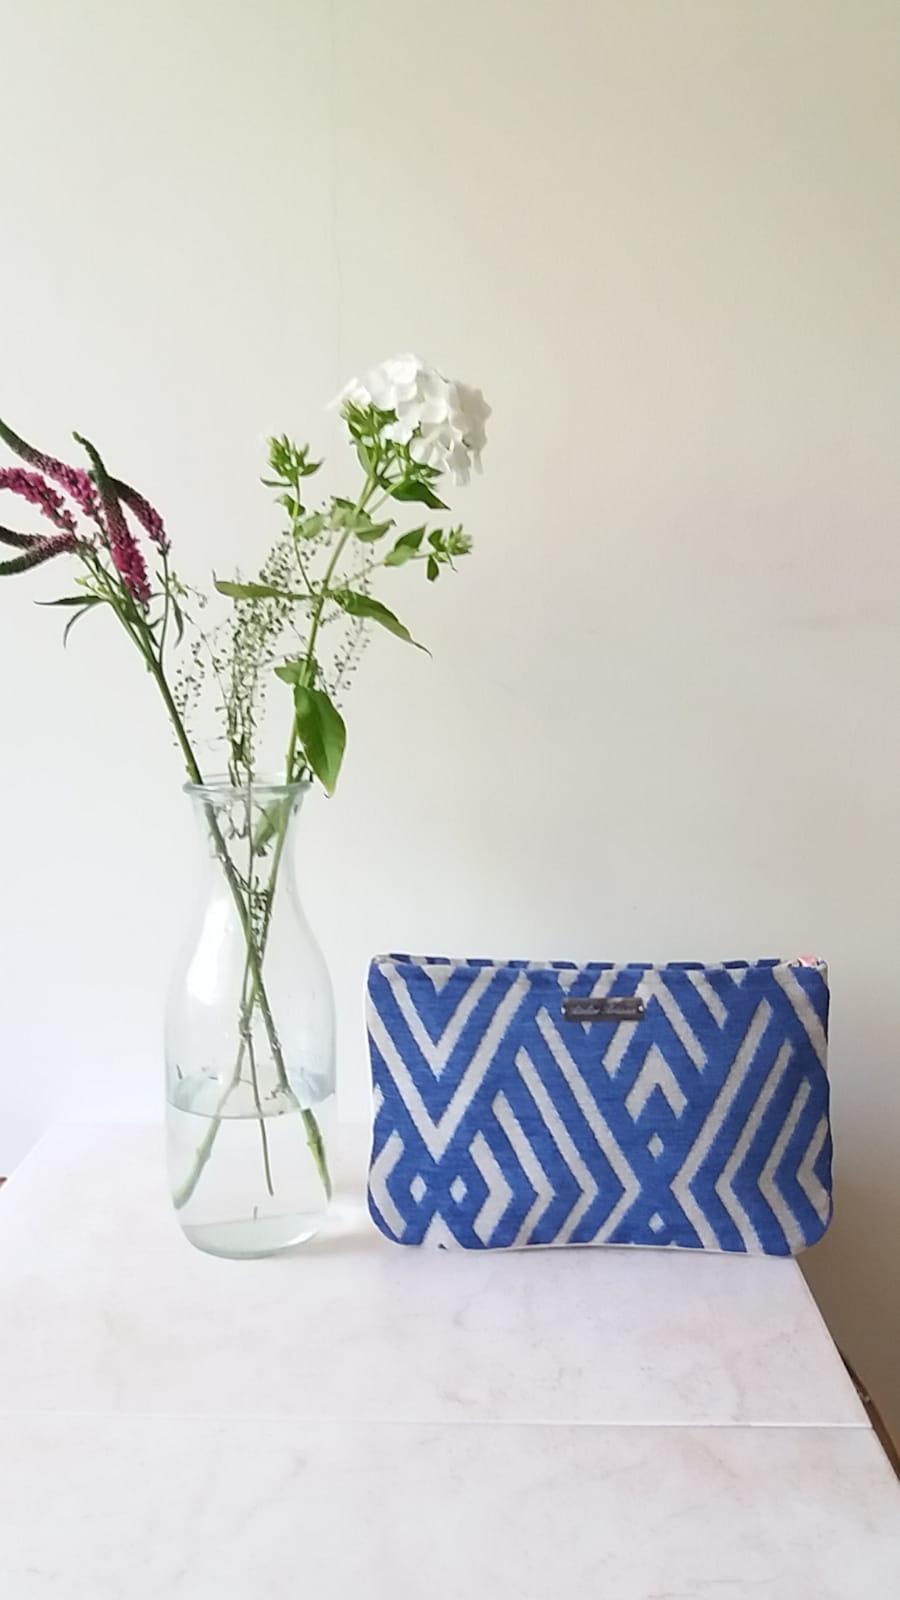 Cartera Azul Klein - Colección Geomatrías